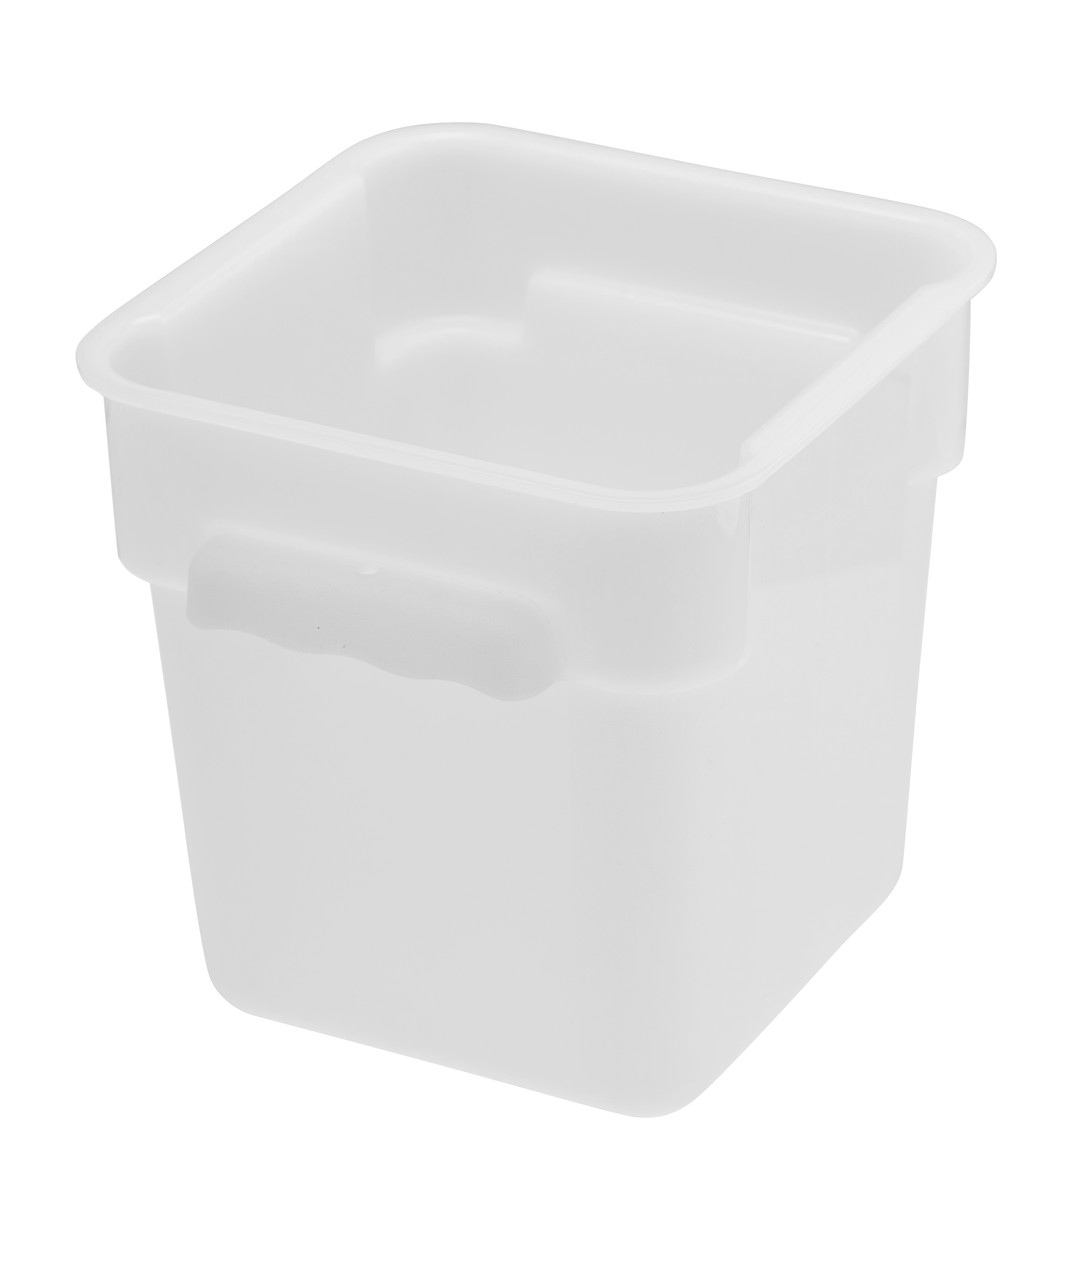 Контейнер для хранения FoREST квадратный (18x19 см, 4 л)